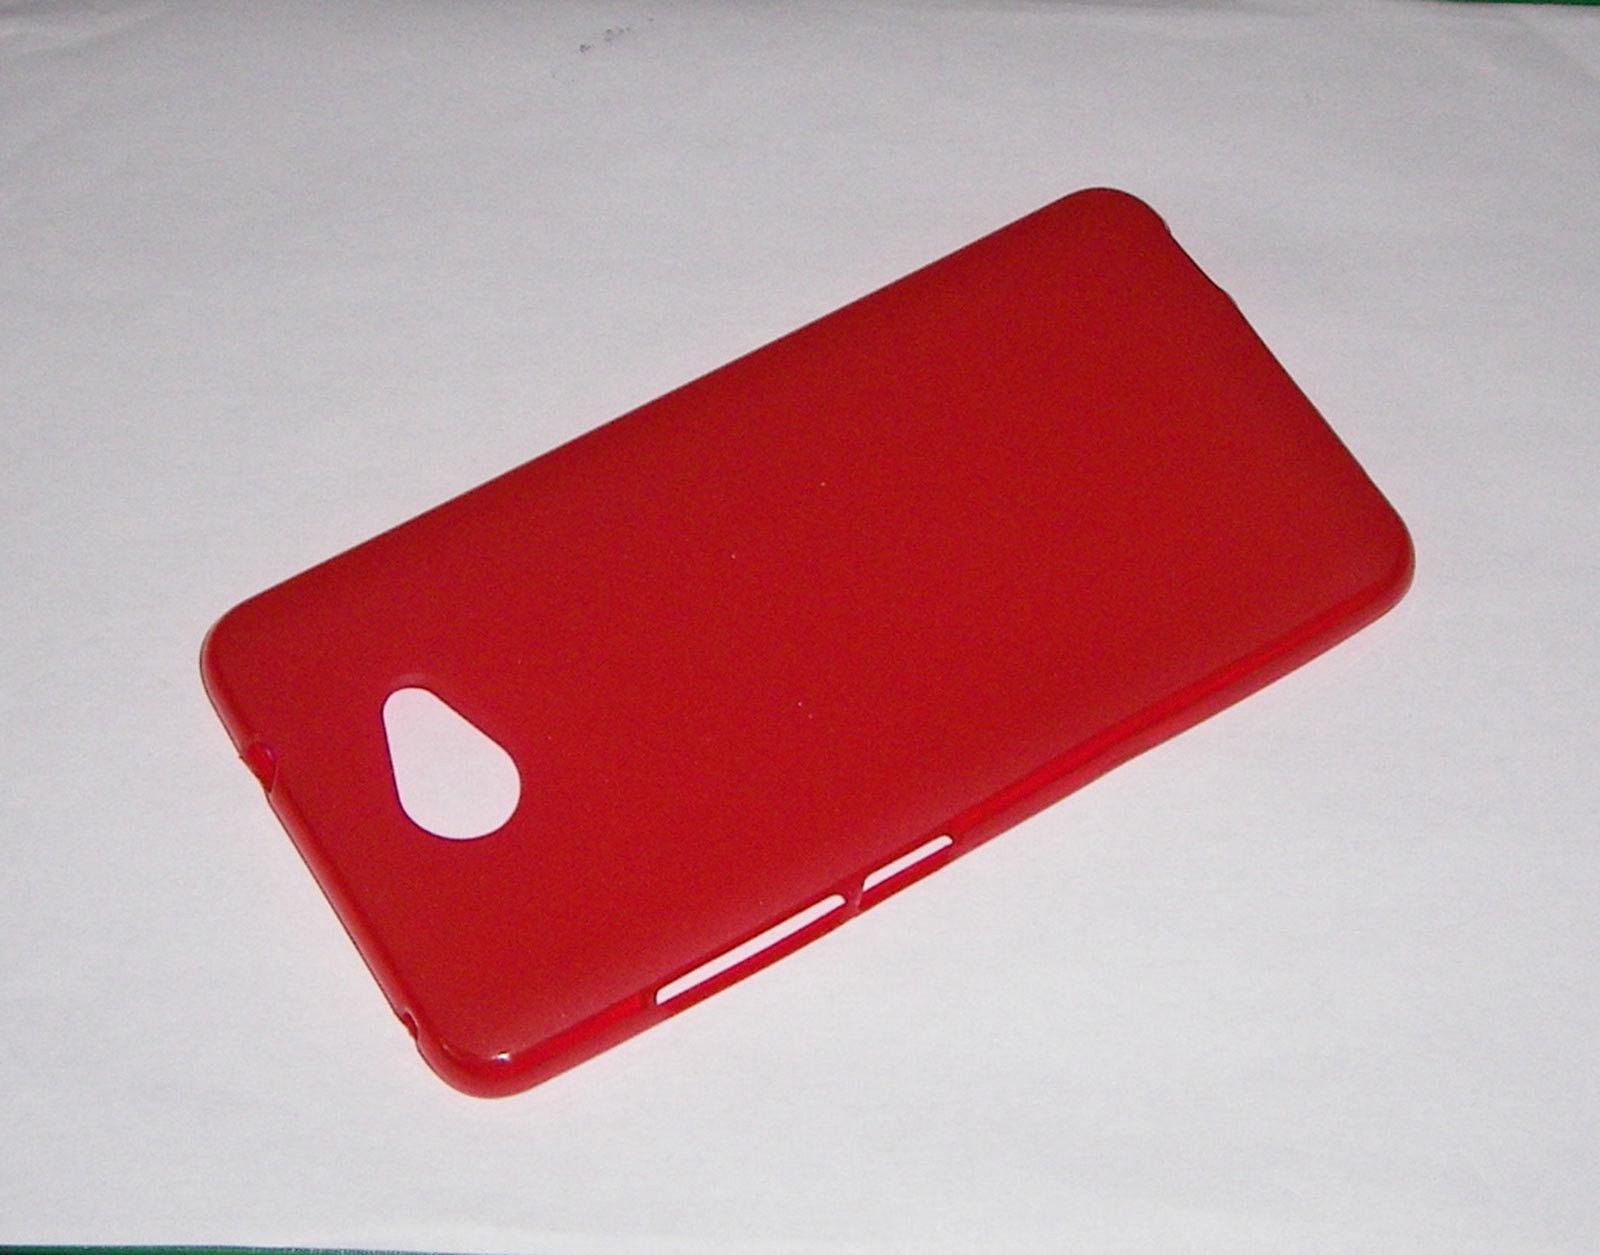 Pouzdro GEL pro Vodafone Smart ultra 7 červené